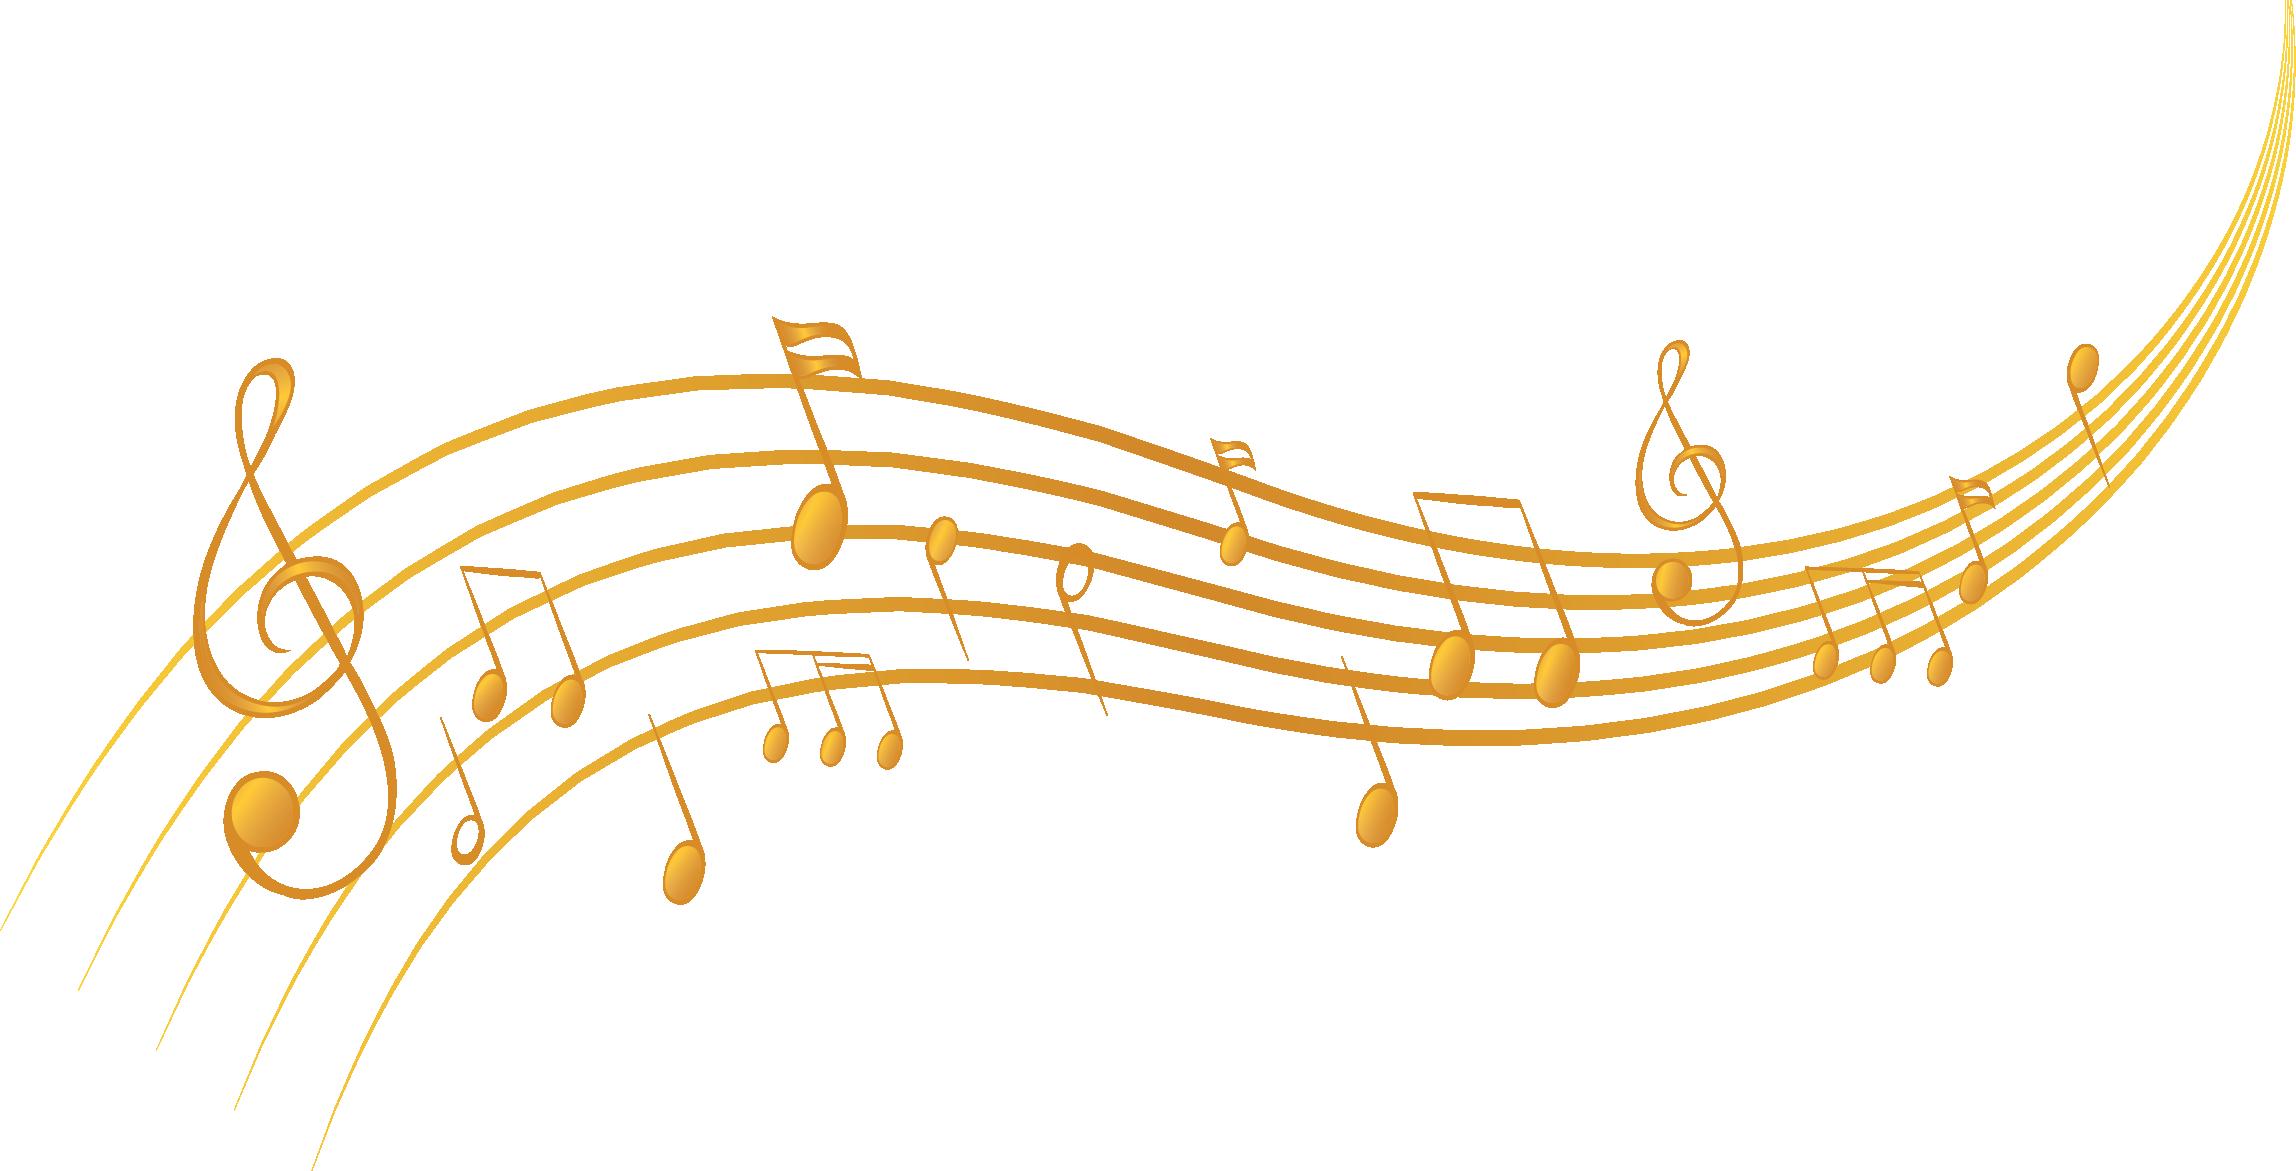 金色音乐旋律素材